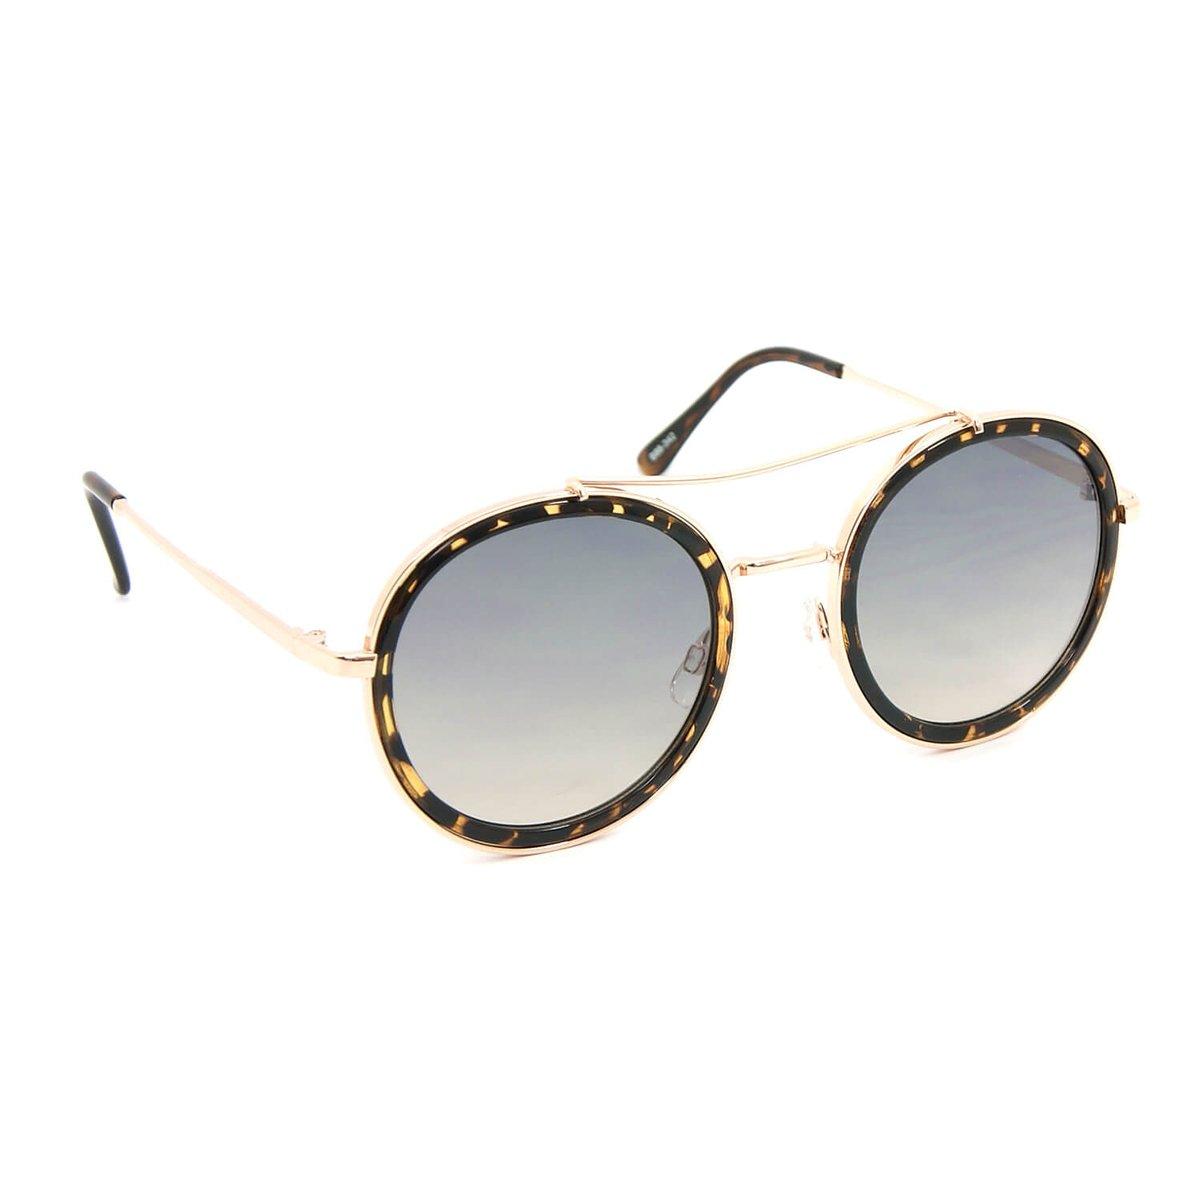 Óculos Bijoulux de Sol Tigrado - Dourado e Marrom - Compre Agora ... 0e866dab0e